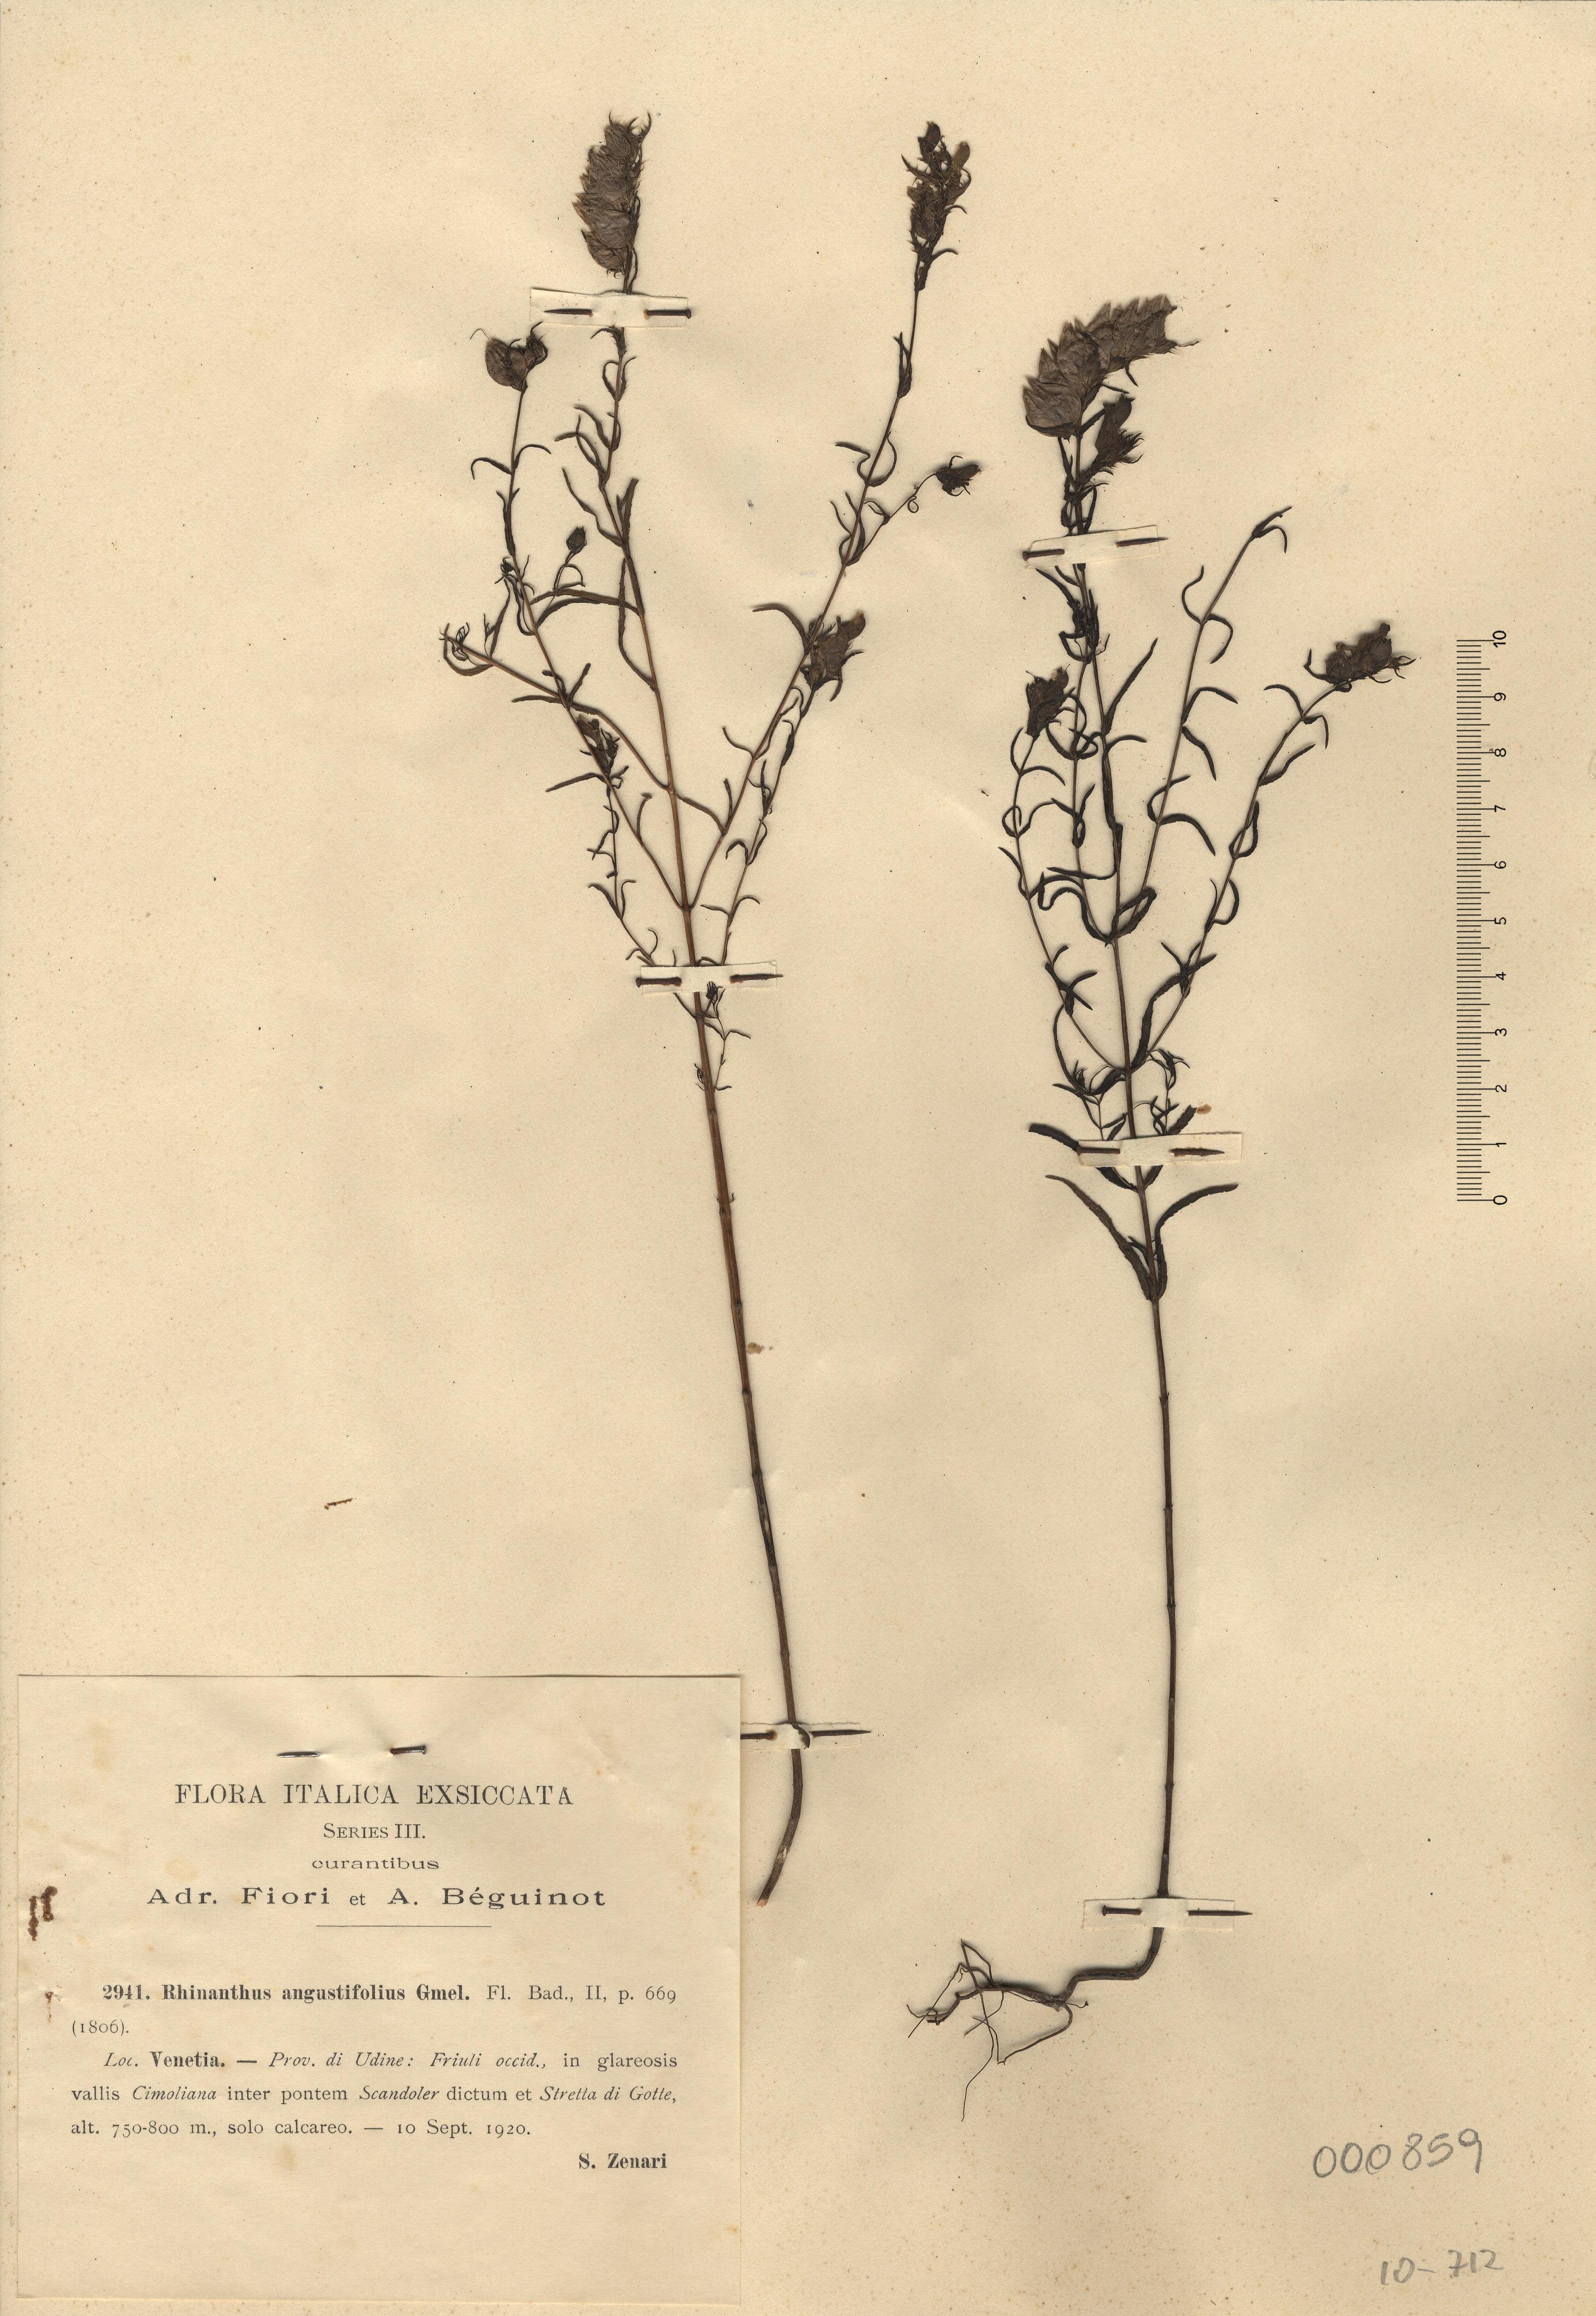 © Hortus Botanicus Catinensis - Herb. sheet 000859<br>